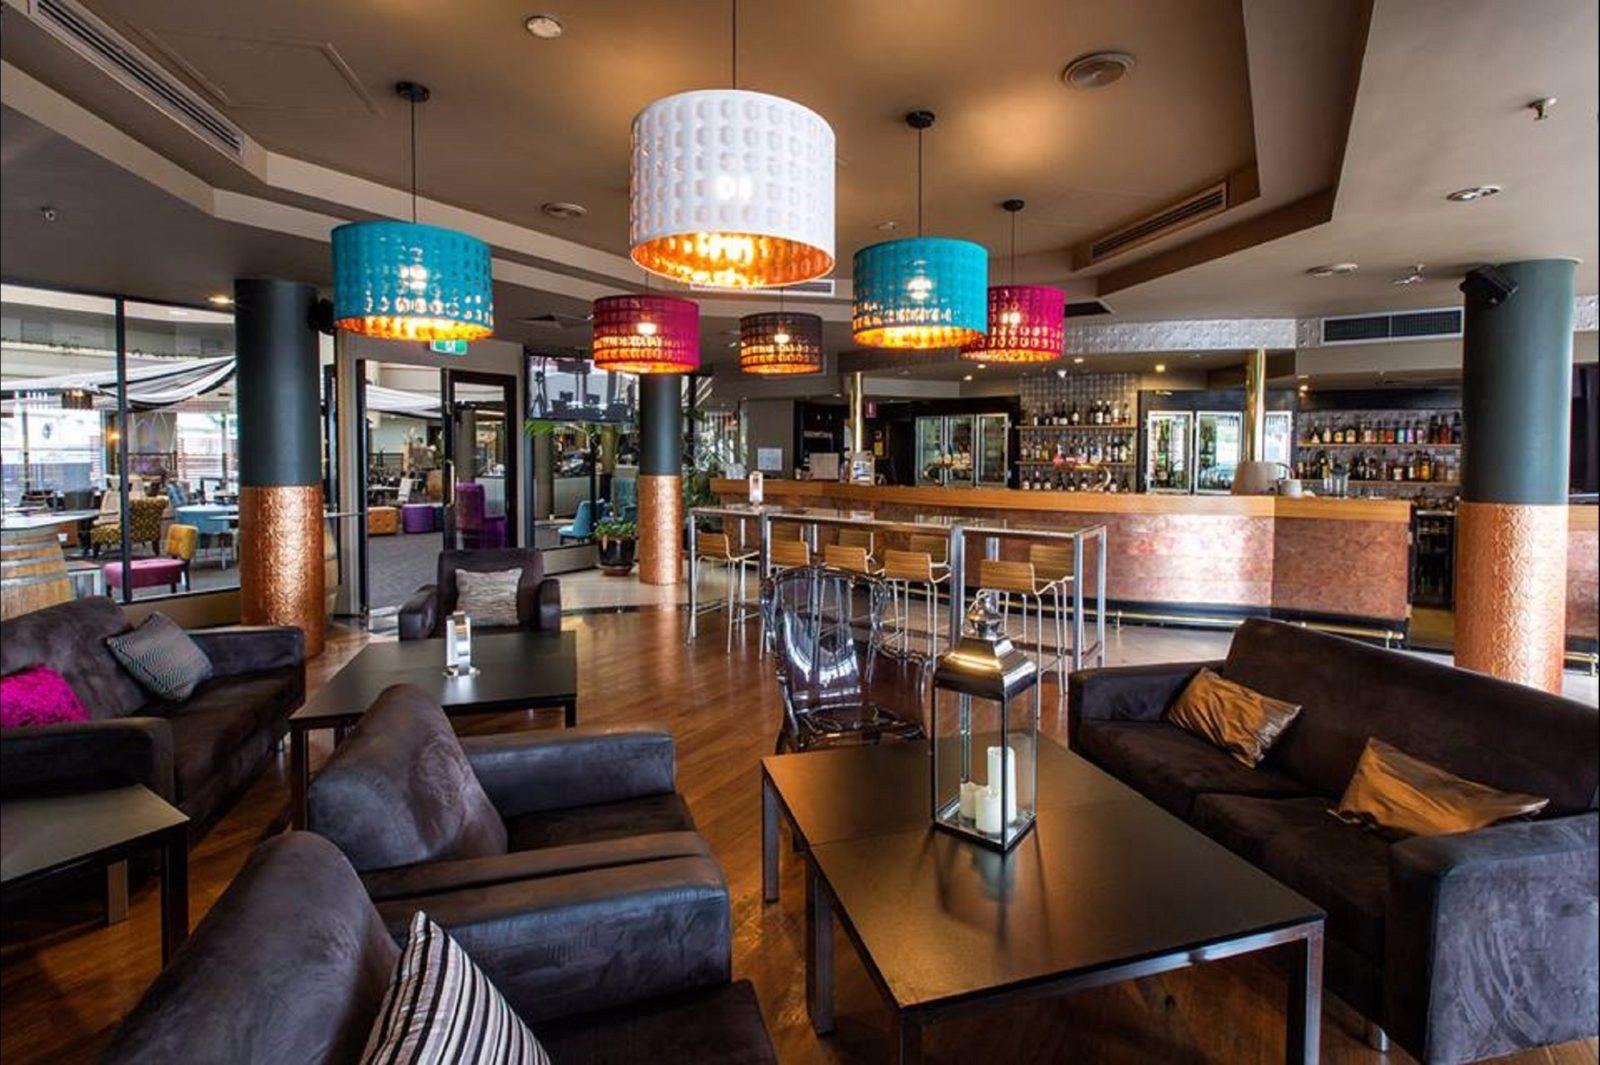 Quality Hotel Lord Forrest, Bunbury, Western Australia